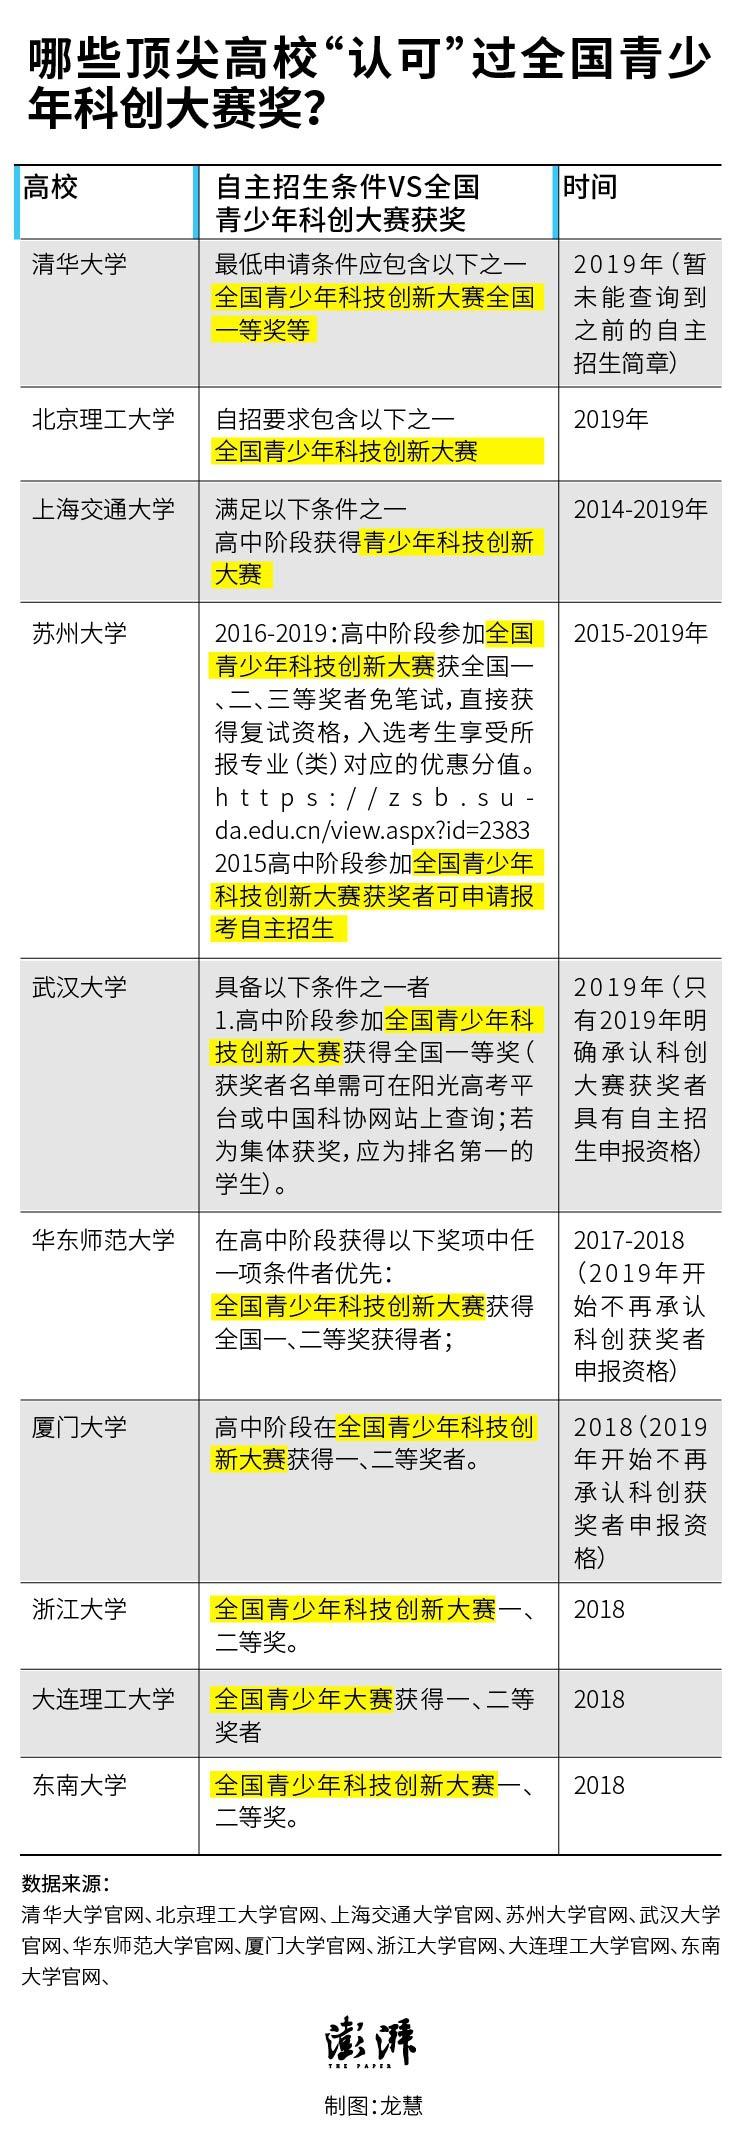 杏悦:青创赛曾与高招挂钩每年吸引千万学杏悦图片